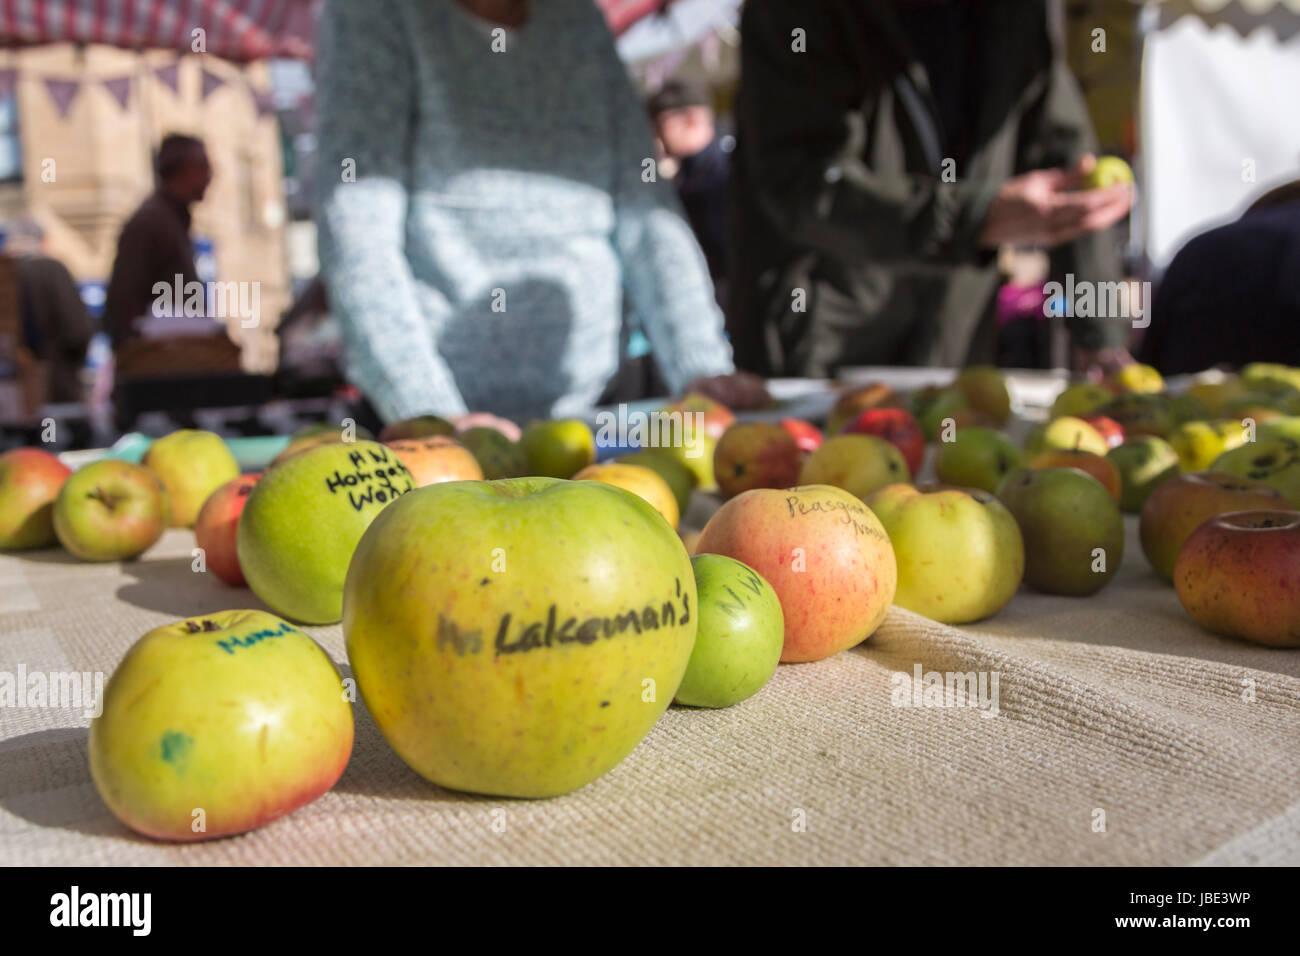 Frau Lakeman und anderen alten Apfel-Sorten auf dem Markt an Apple Day, Hexham Bauernmarkt, Northumberland, UK, Stockbild